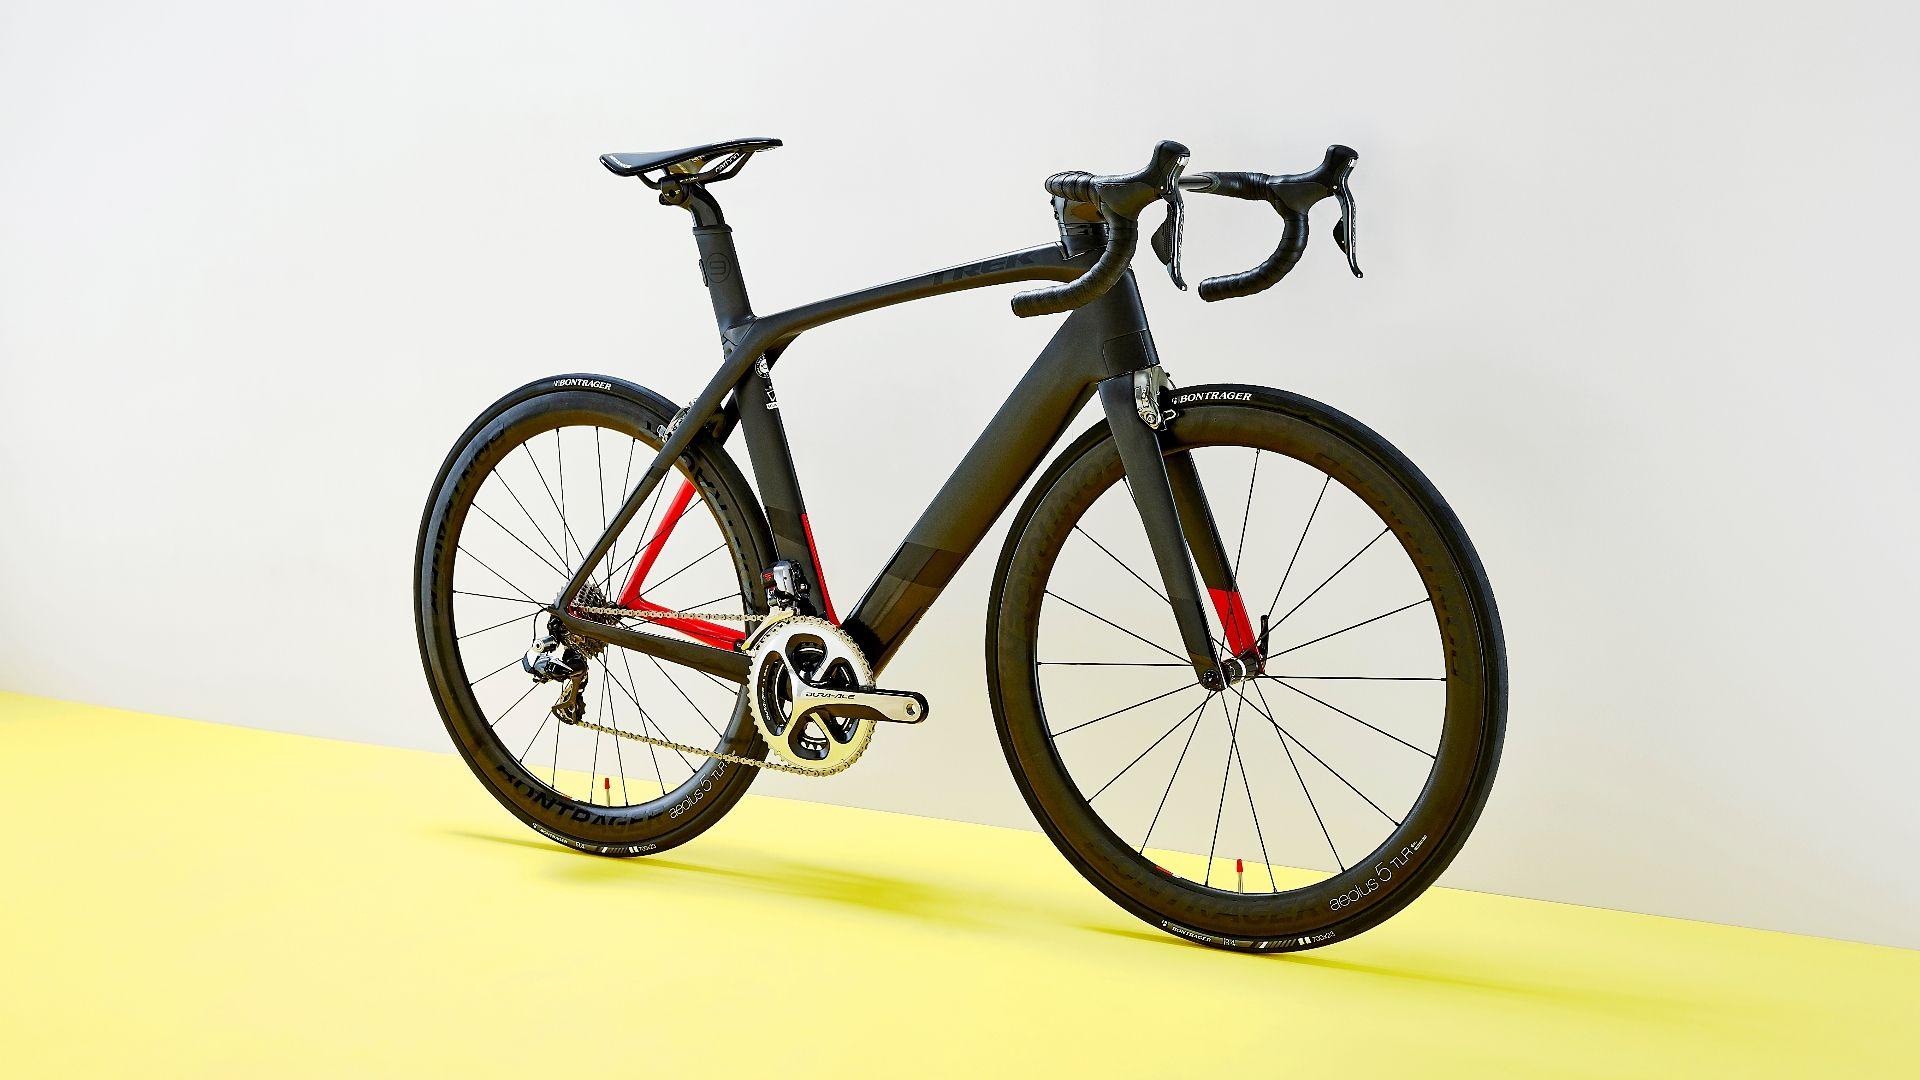 Rcuk100 trek madone 9 9 road bike review